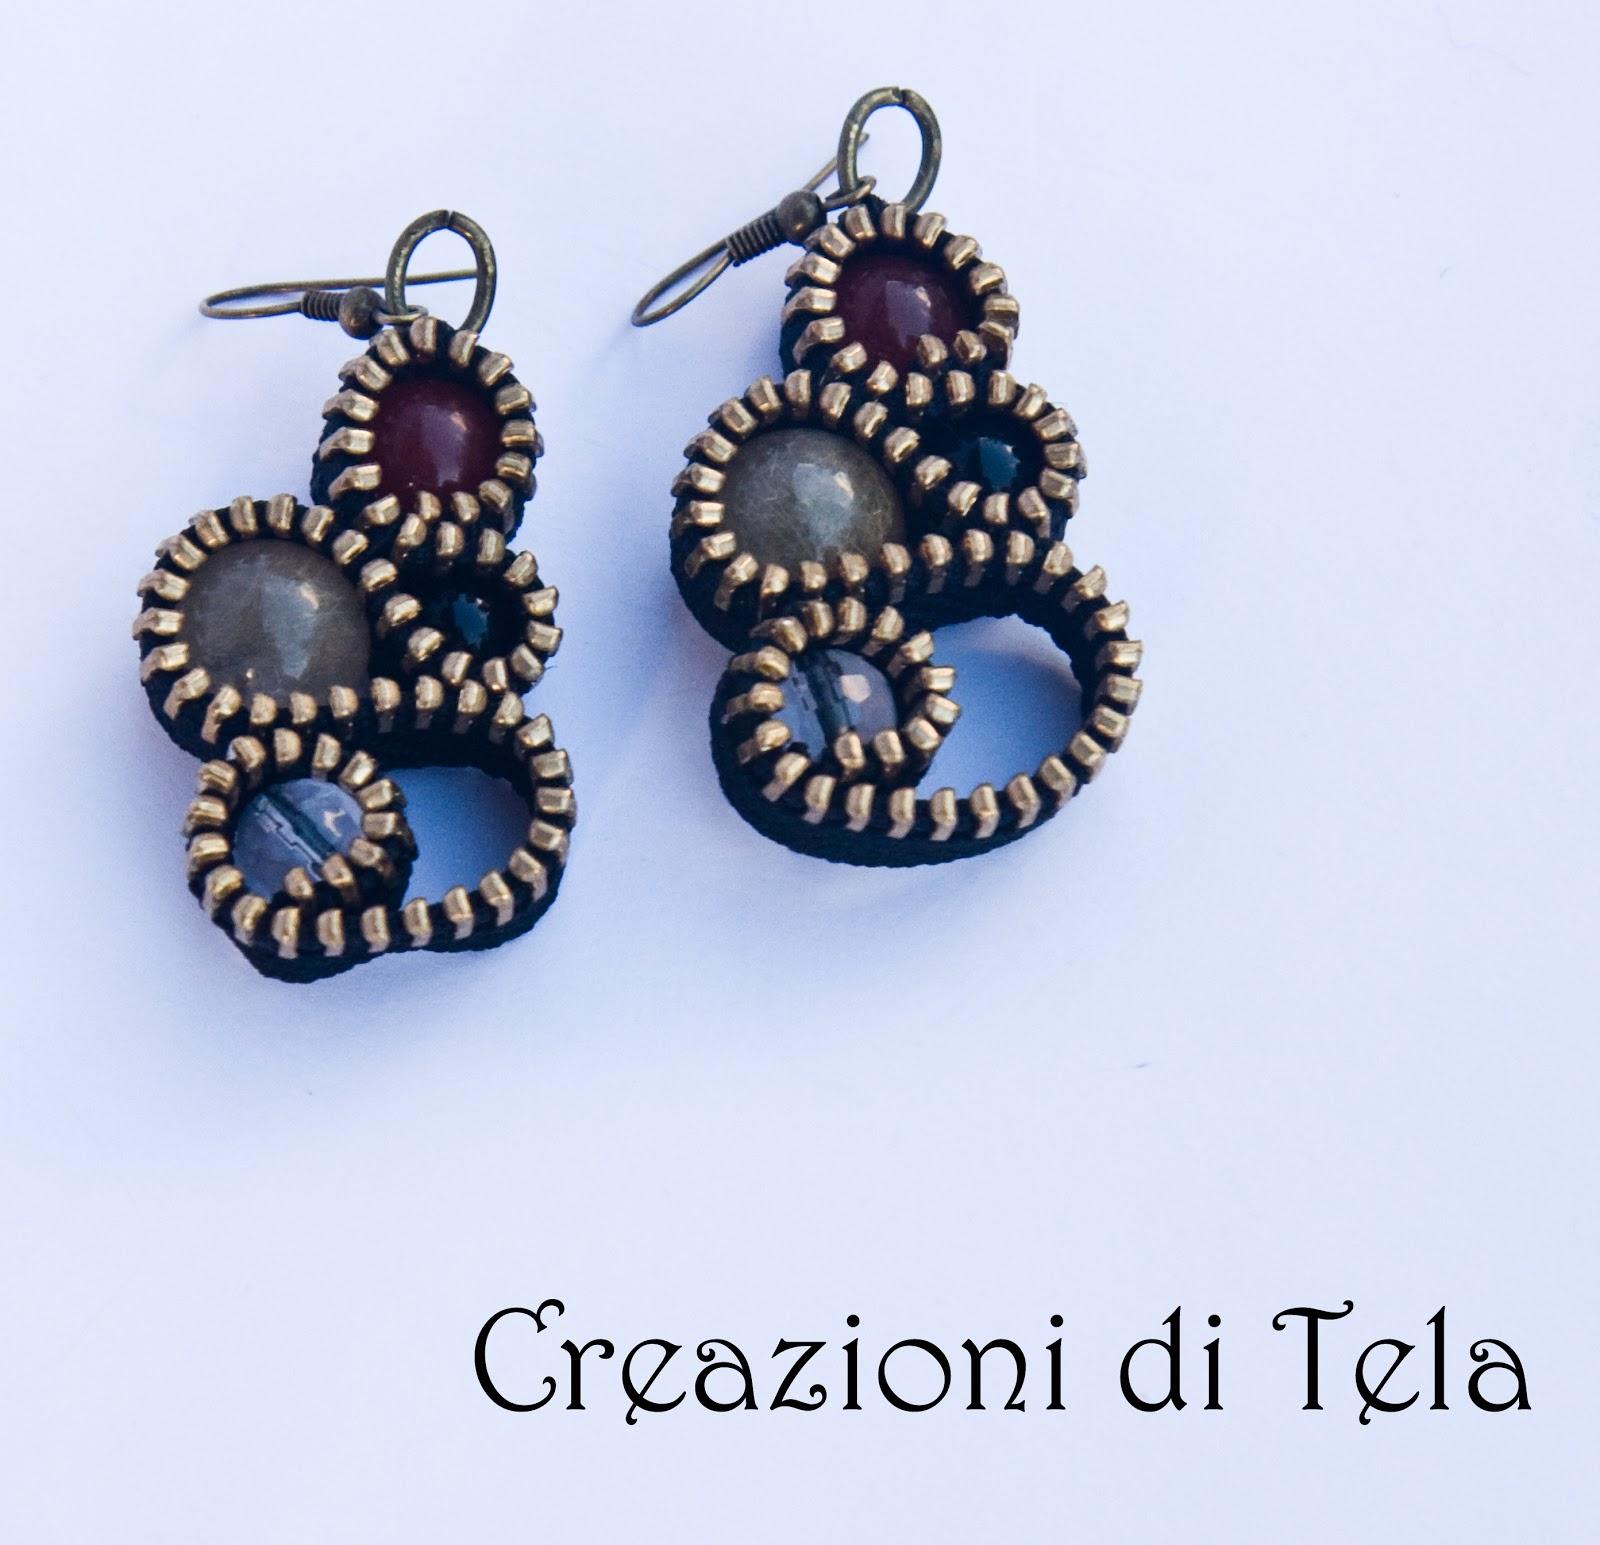 Simona tela creazioni artigianali orecchini con for Orecchini con pietre dure fai da te